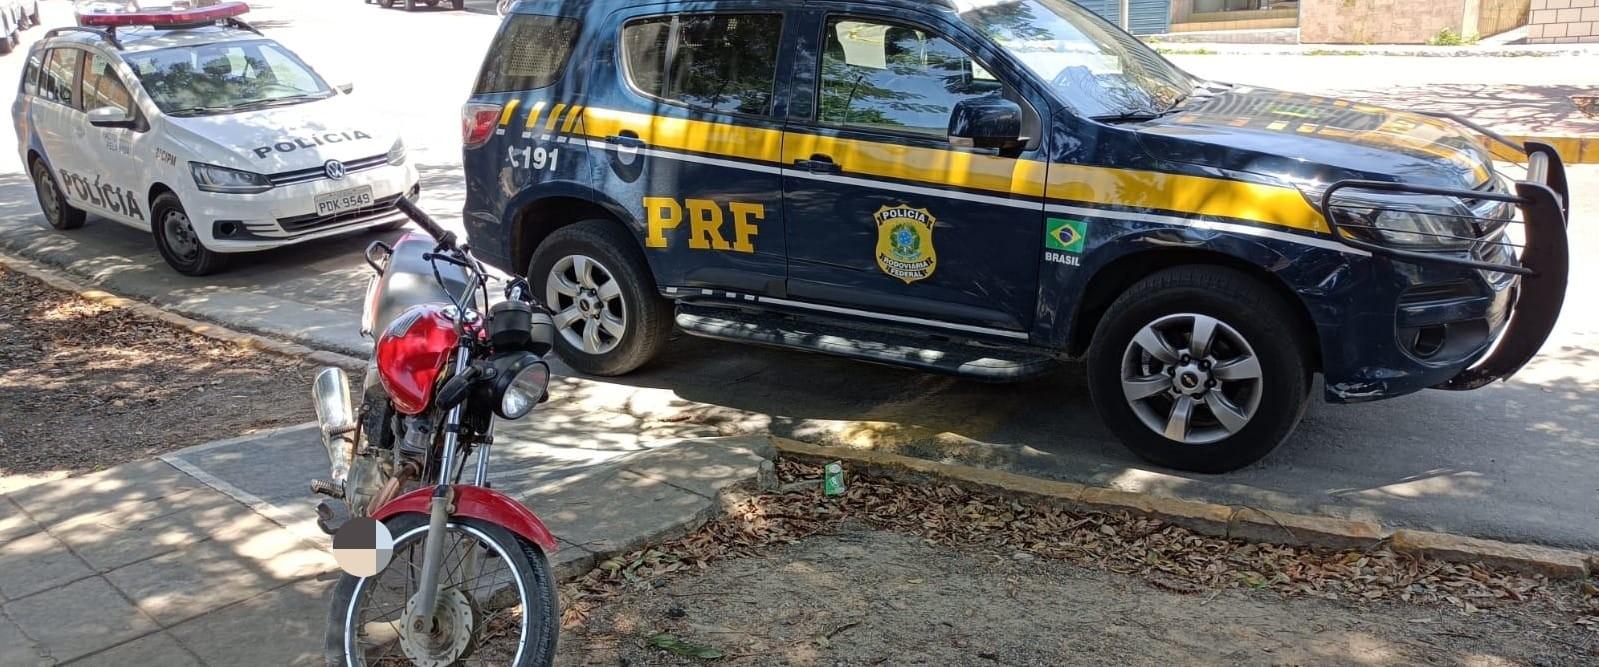 Homem é detido após trocar ovelhas por moto roubada em Pesqueira